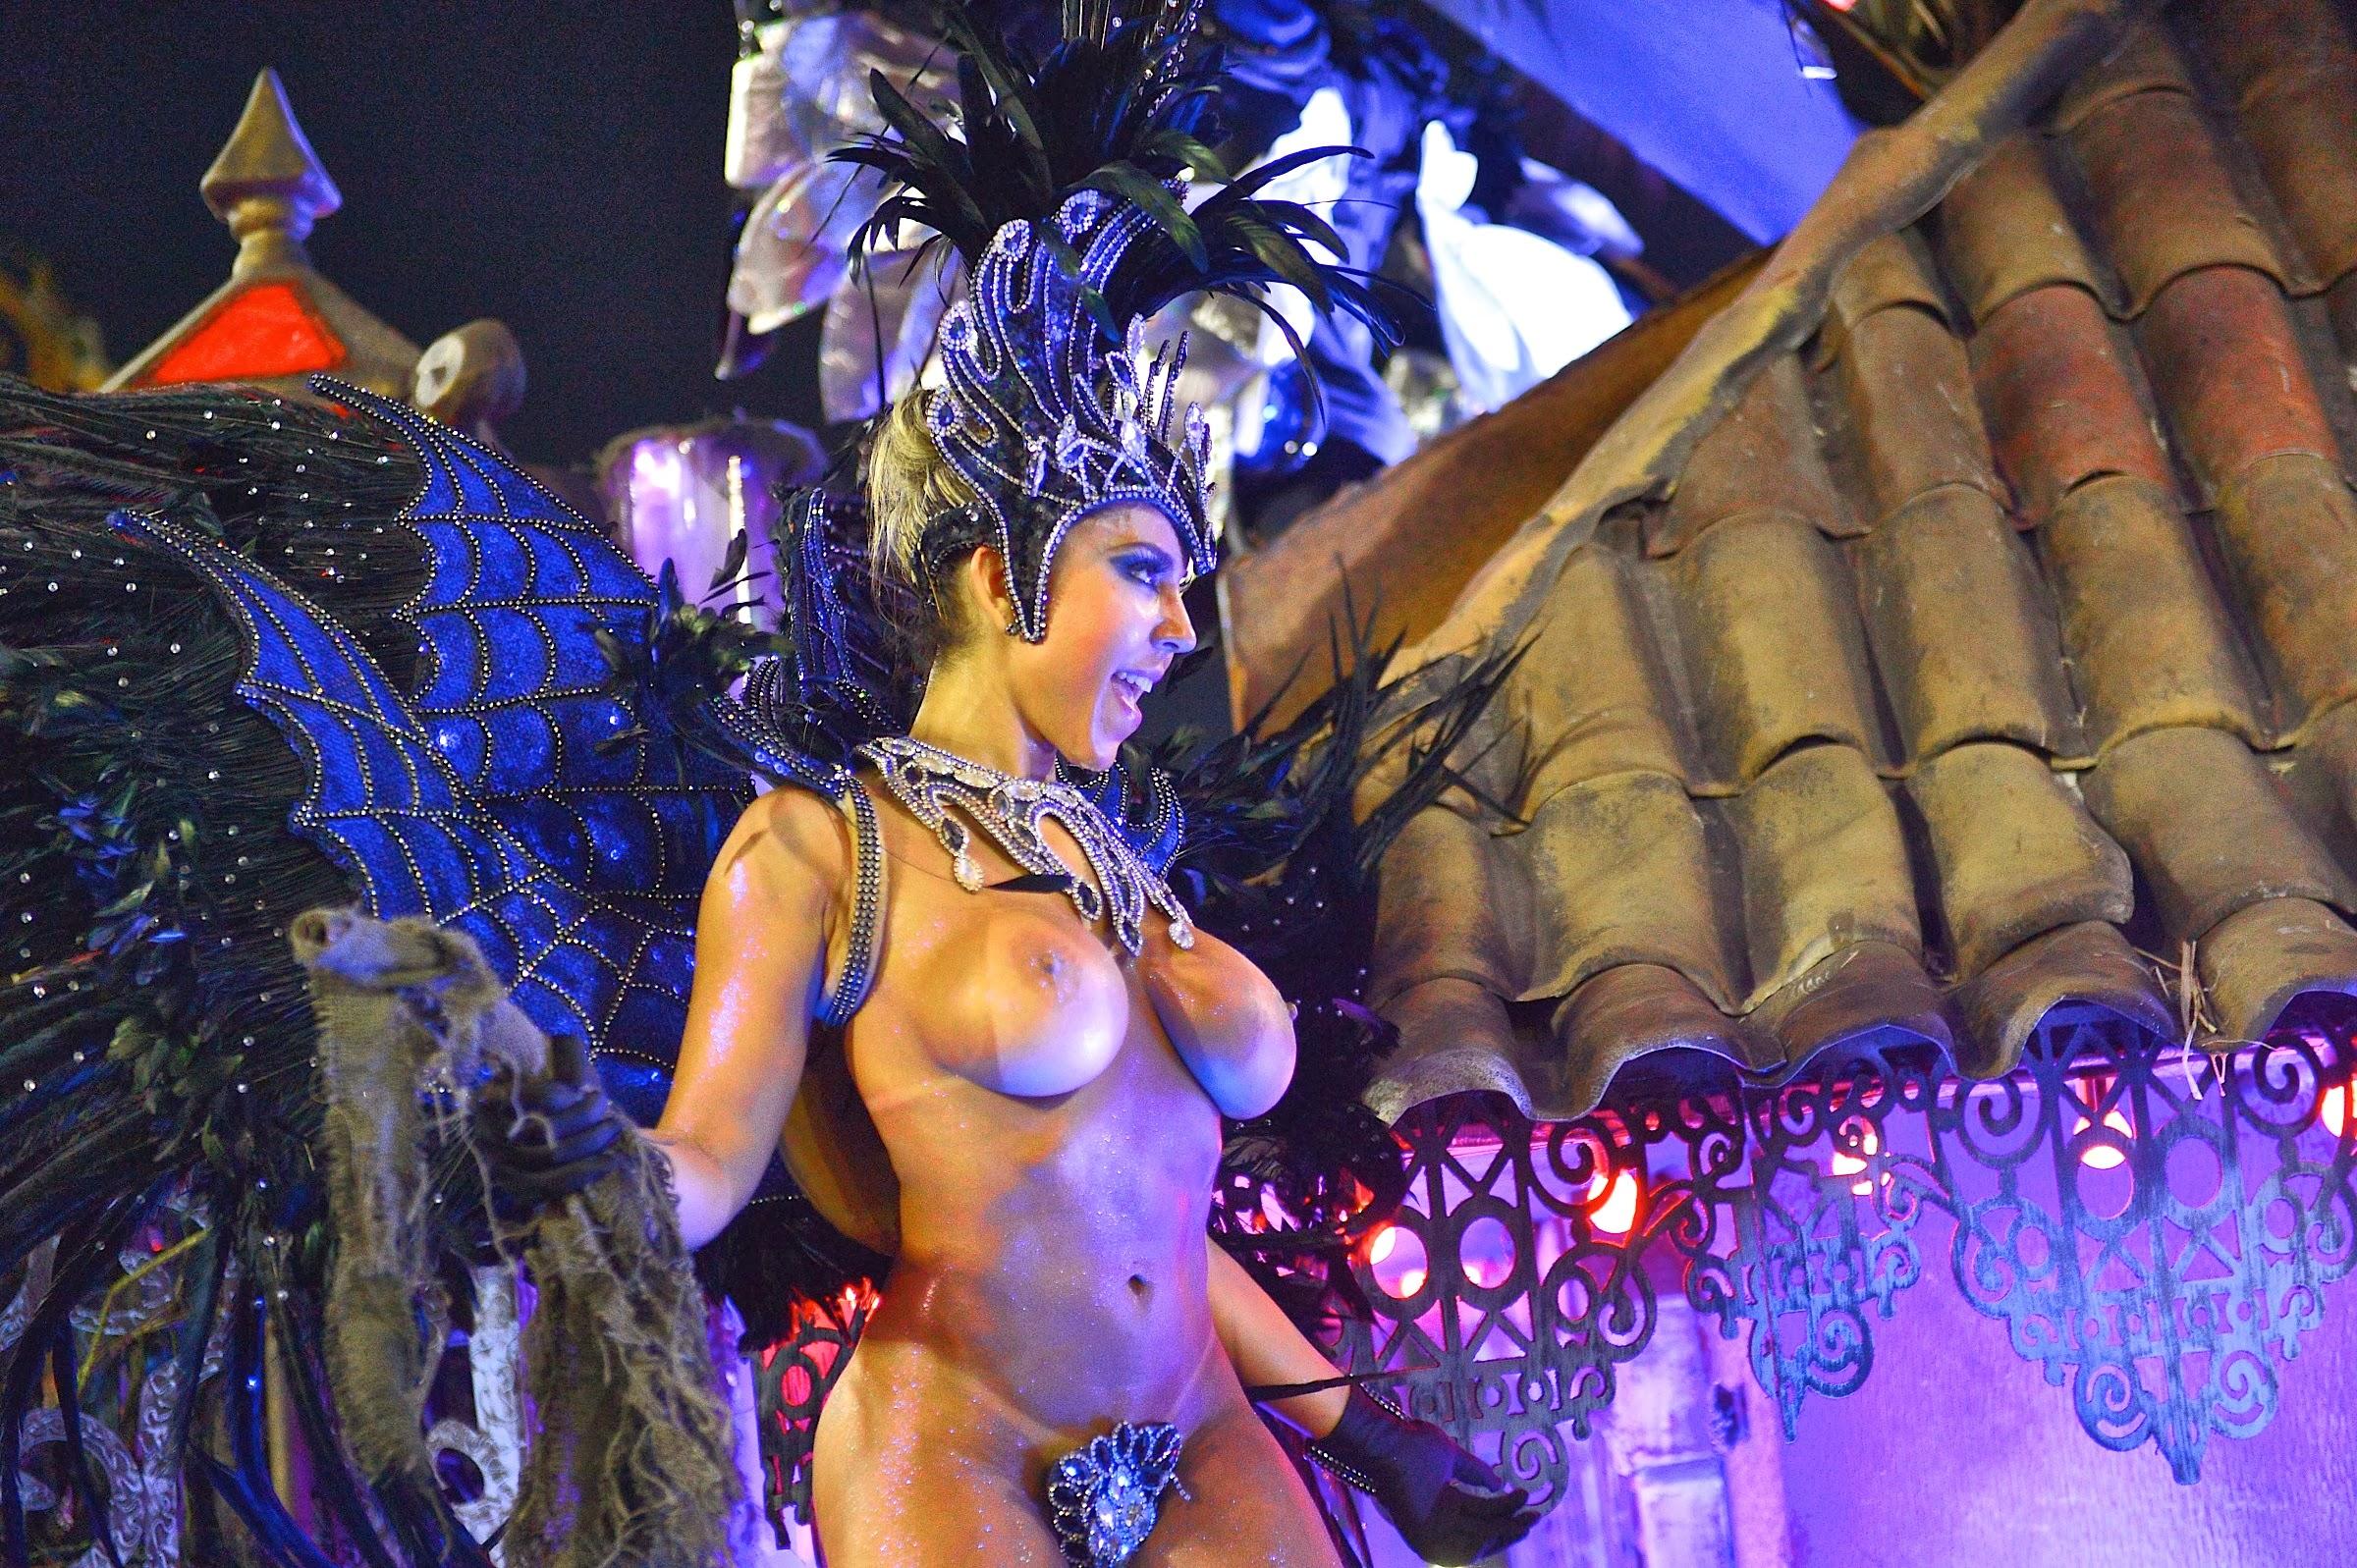 Rio carnival shell cover